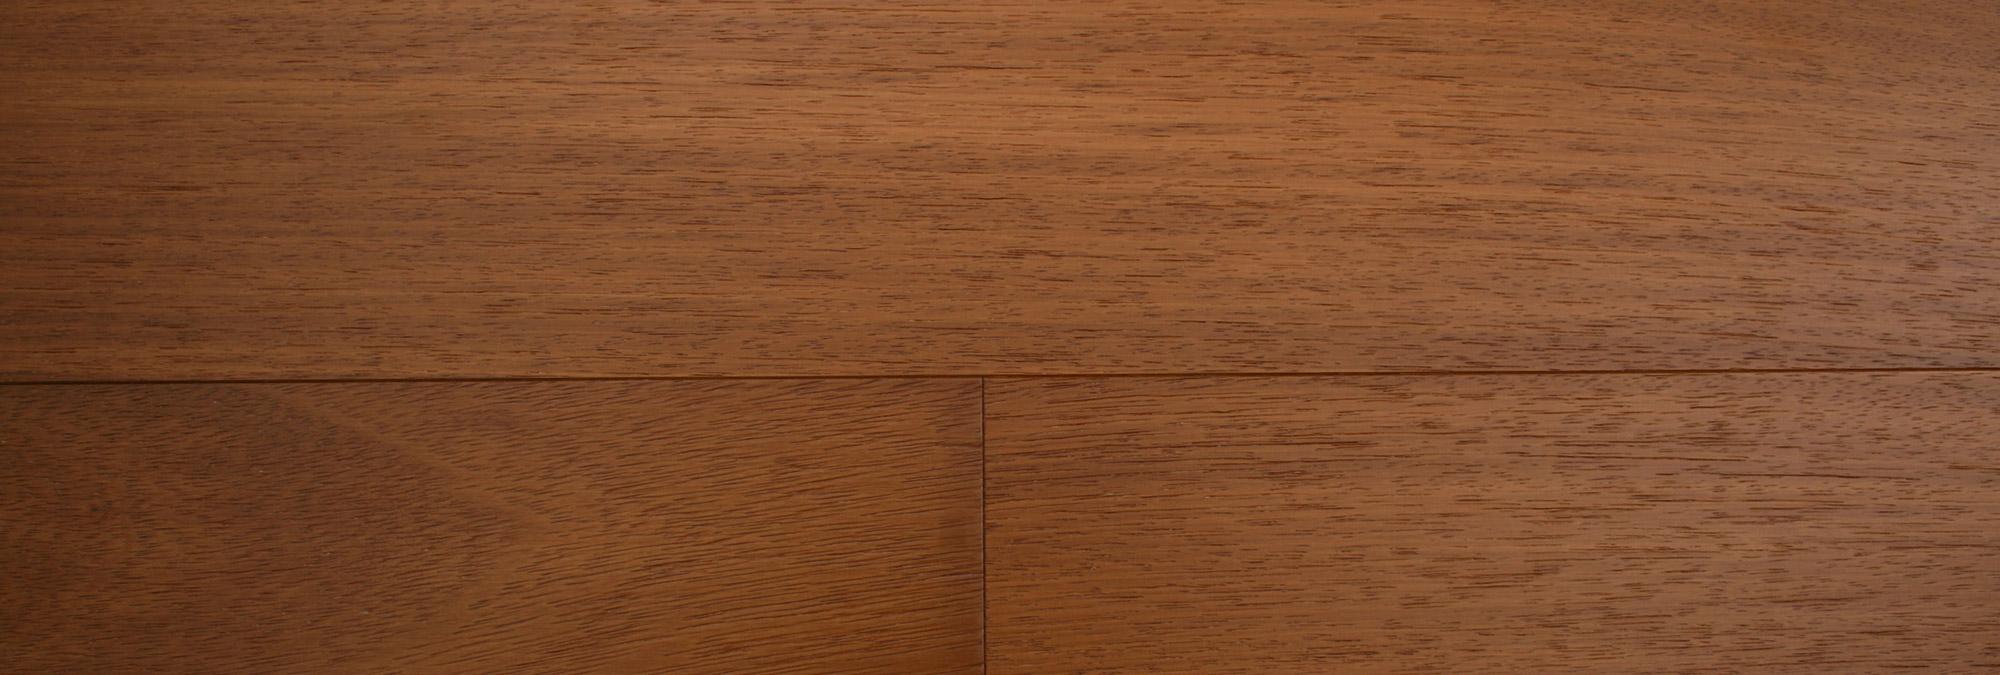 pavimenti in legno Iroko